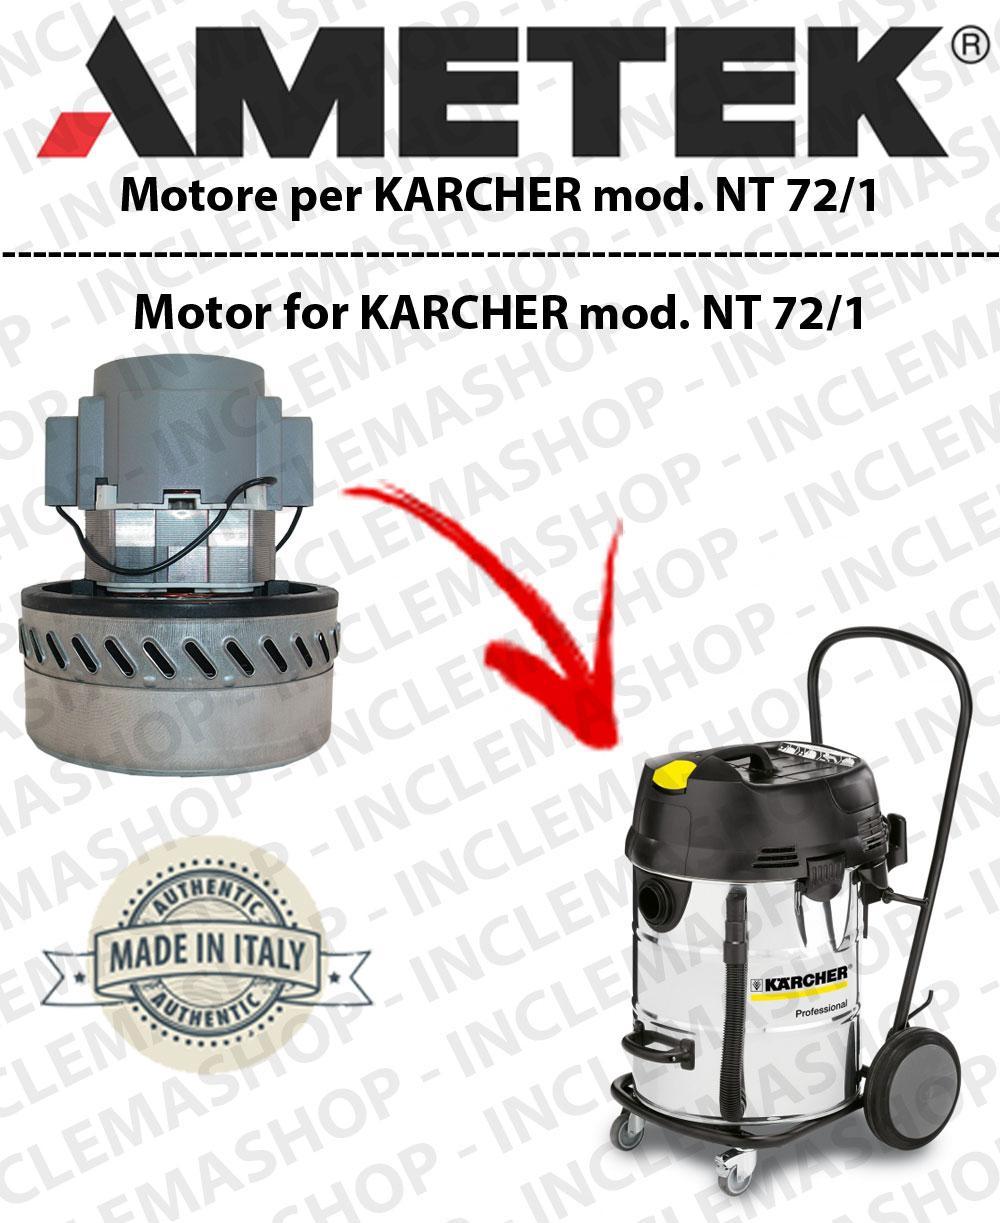 NT 72/1 moteur aspiration AMETEK  pour aspirateurs KARCHER